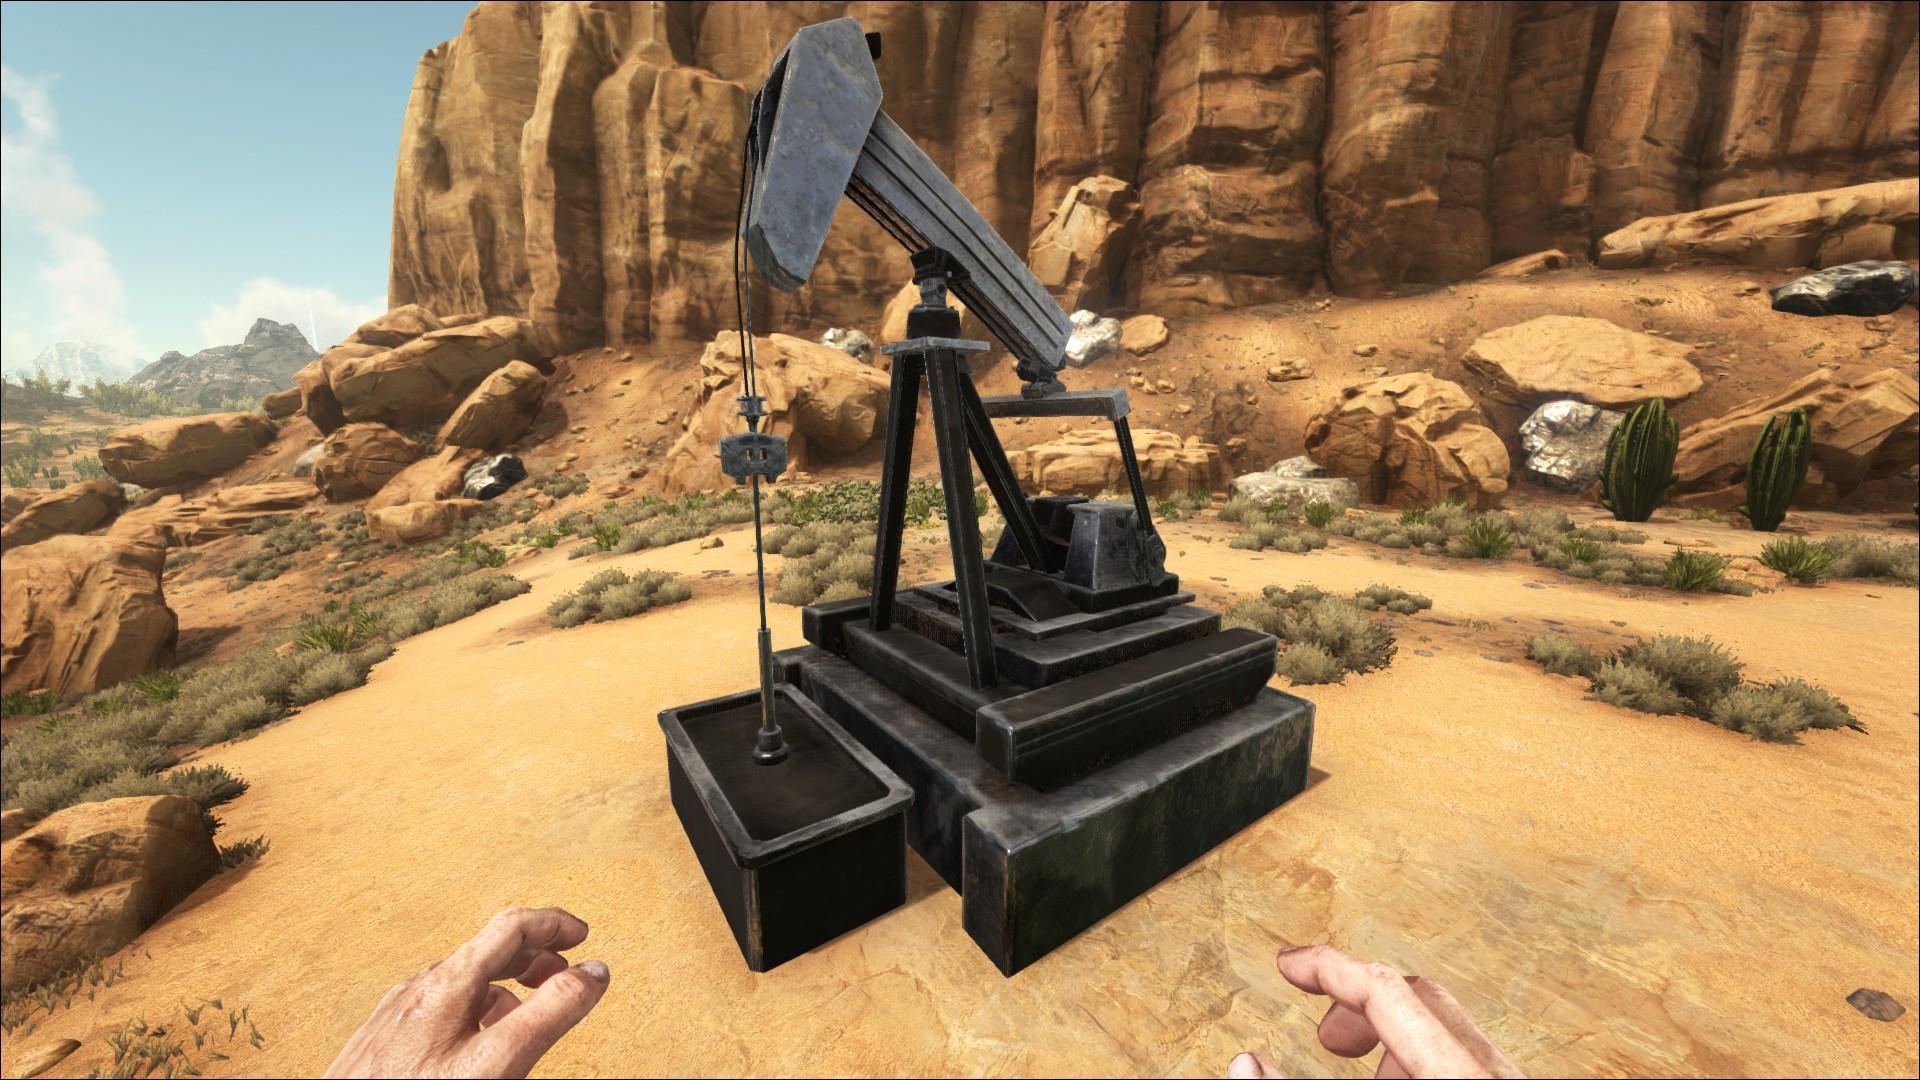 Can I use an oil pump on the Island? : playark